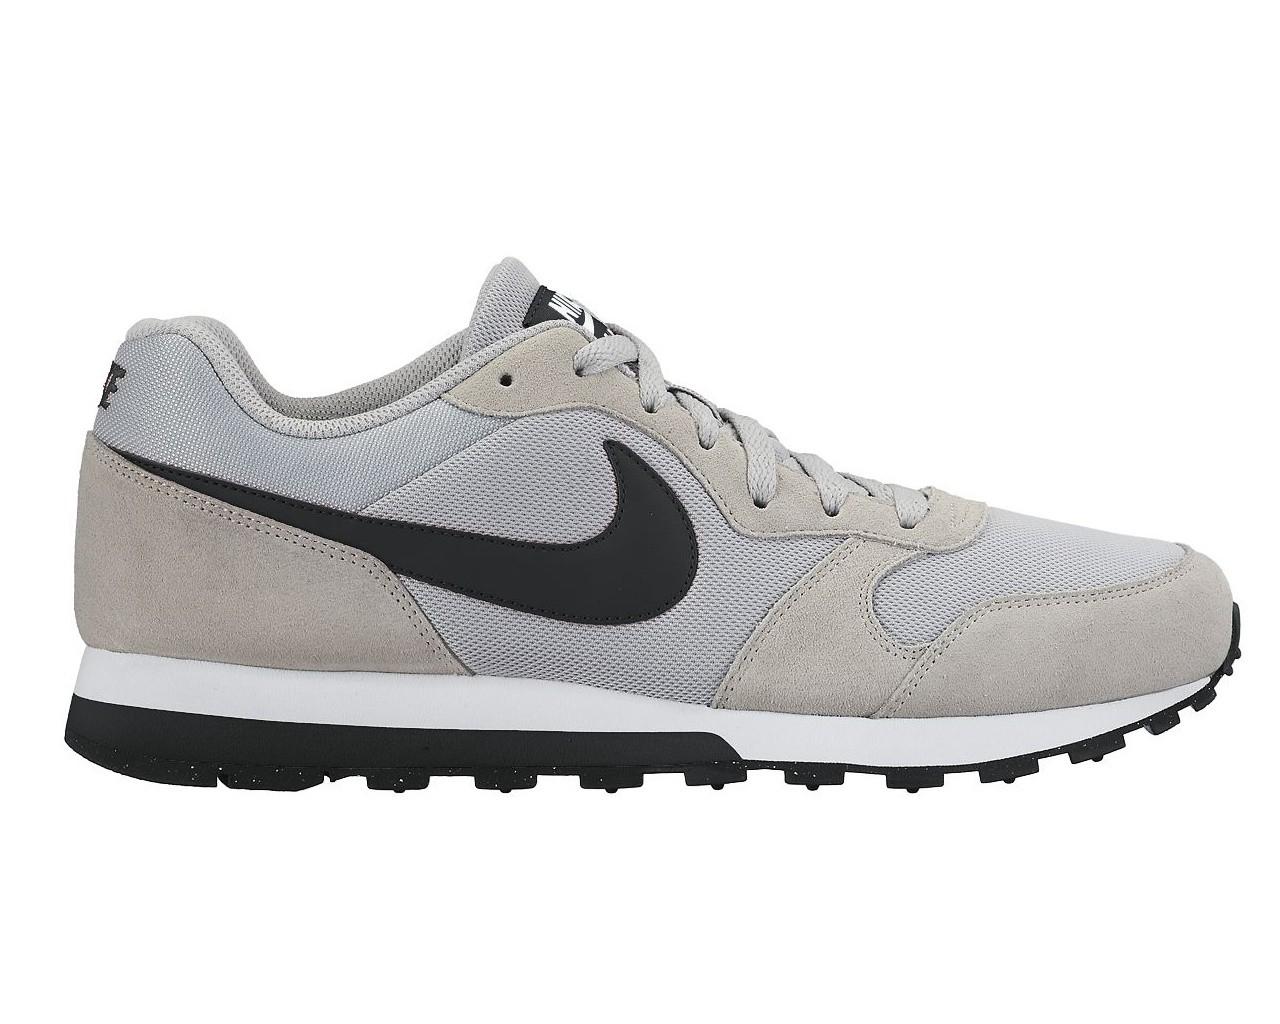 3630a55561cb ... tenisky Nike MD RUNNER 2 WOLF GREY BLACK-WHITE. -25%. Pánské ...